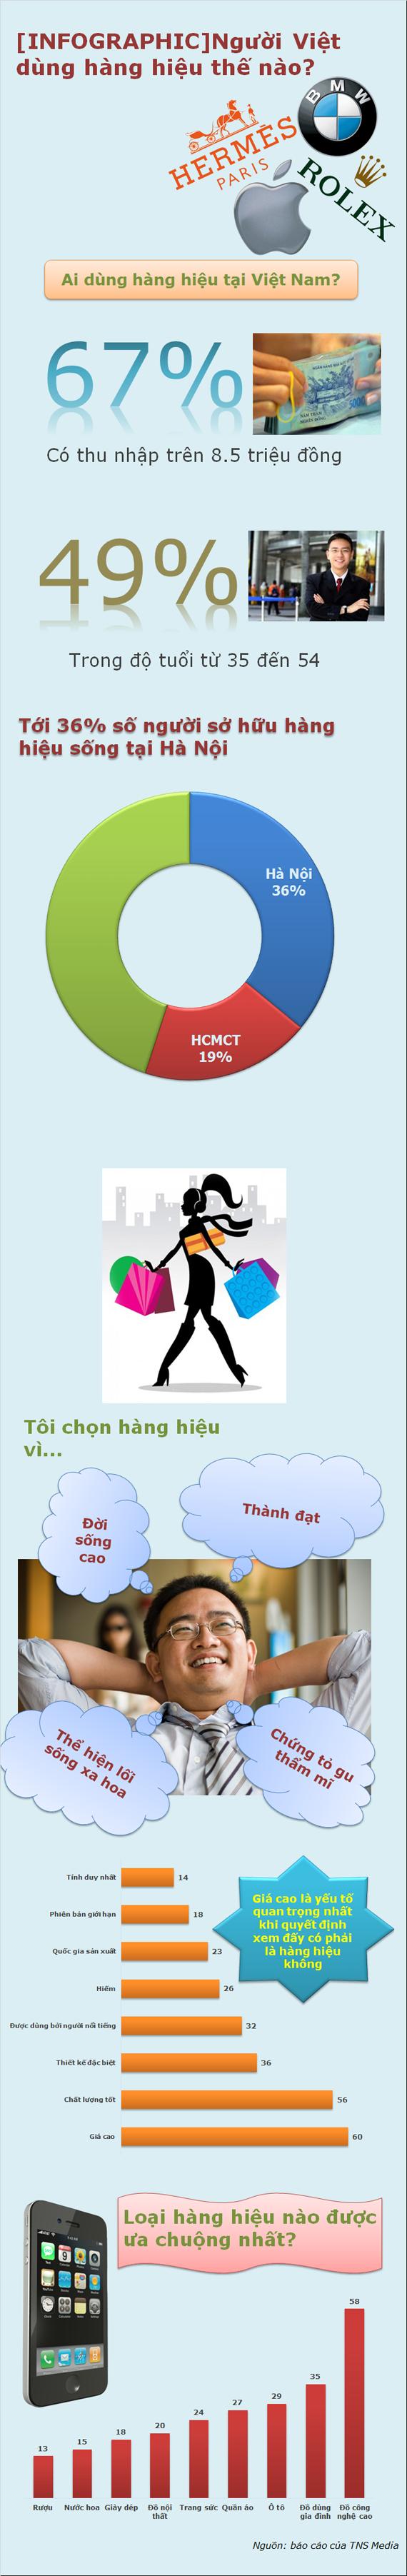 Người Việt dùng hàng hiệu thế nào? (1)